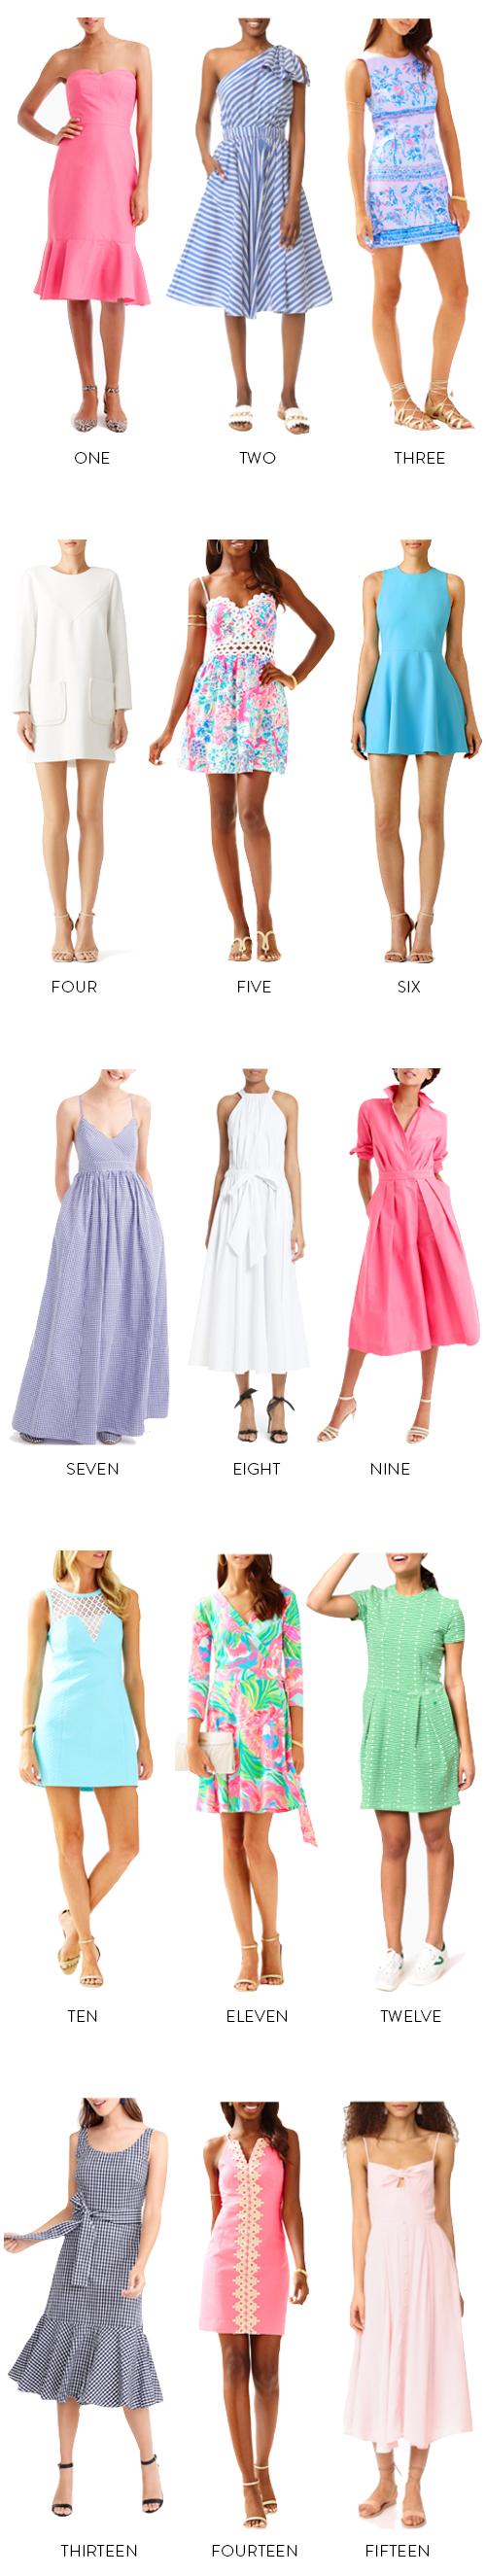 colorful preppy easter dresses on design darling